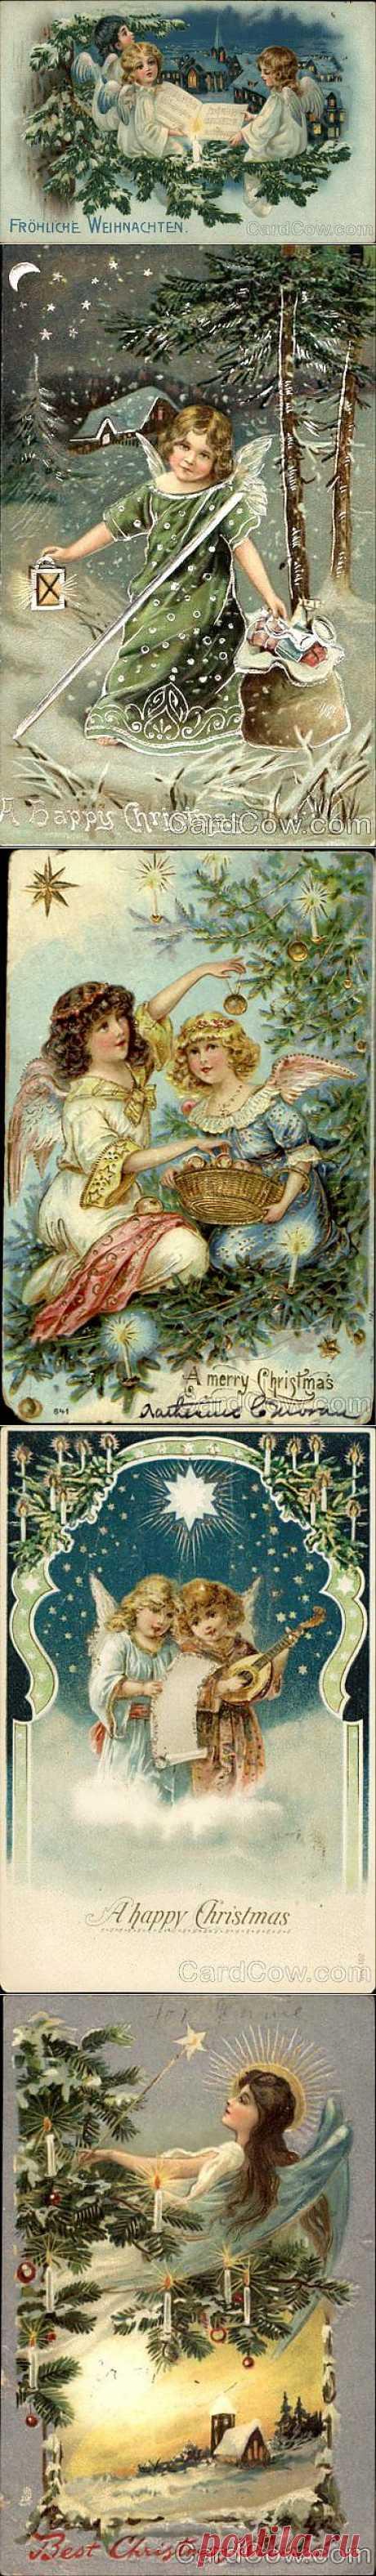 Рождественские ангелы со старых открыток-3.